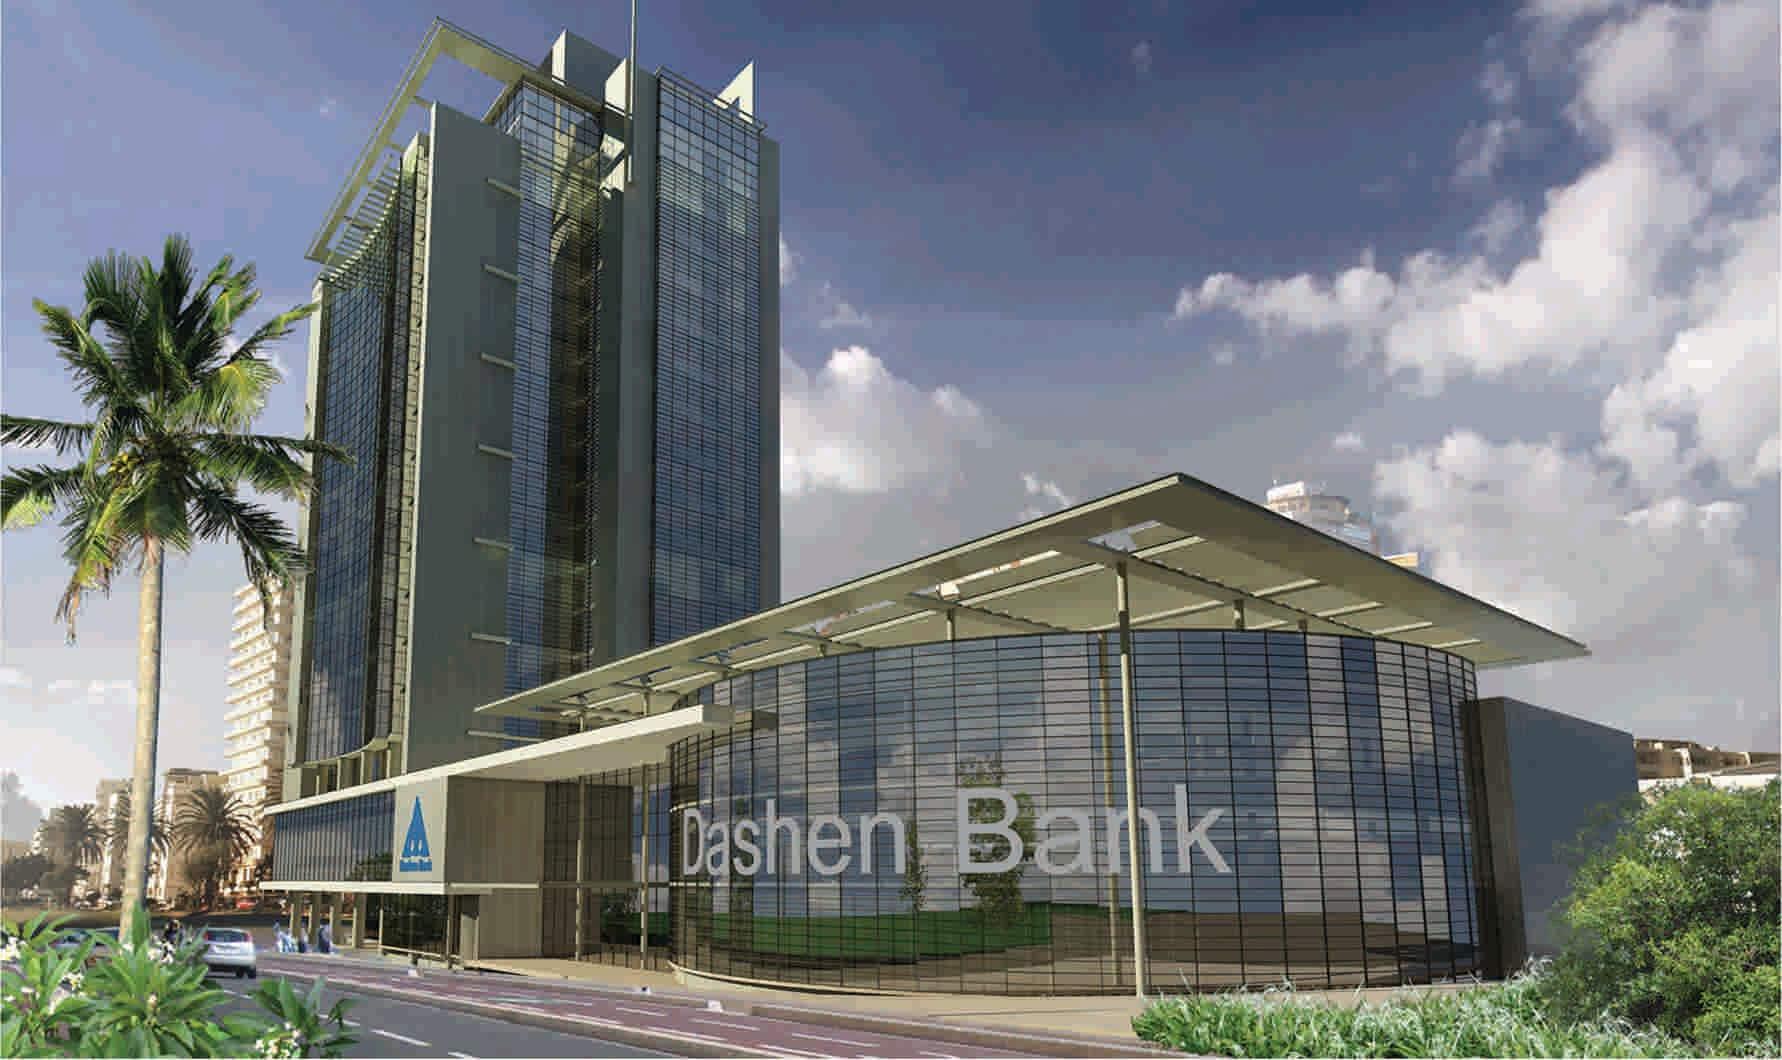 Dashen Bank | IBM